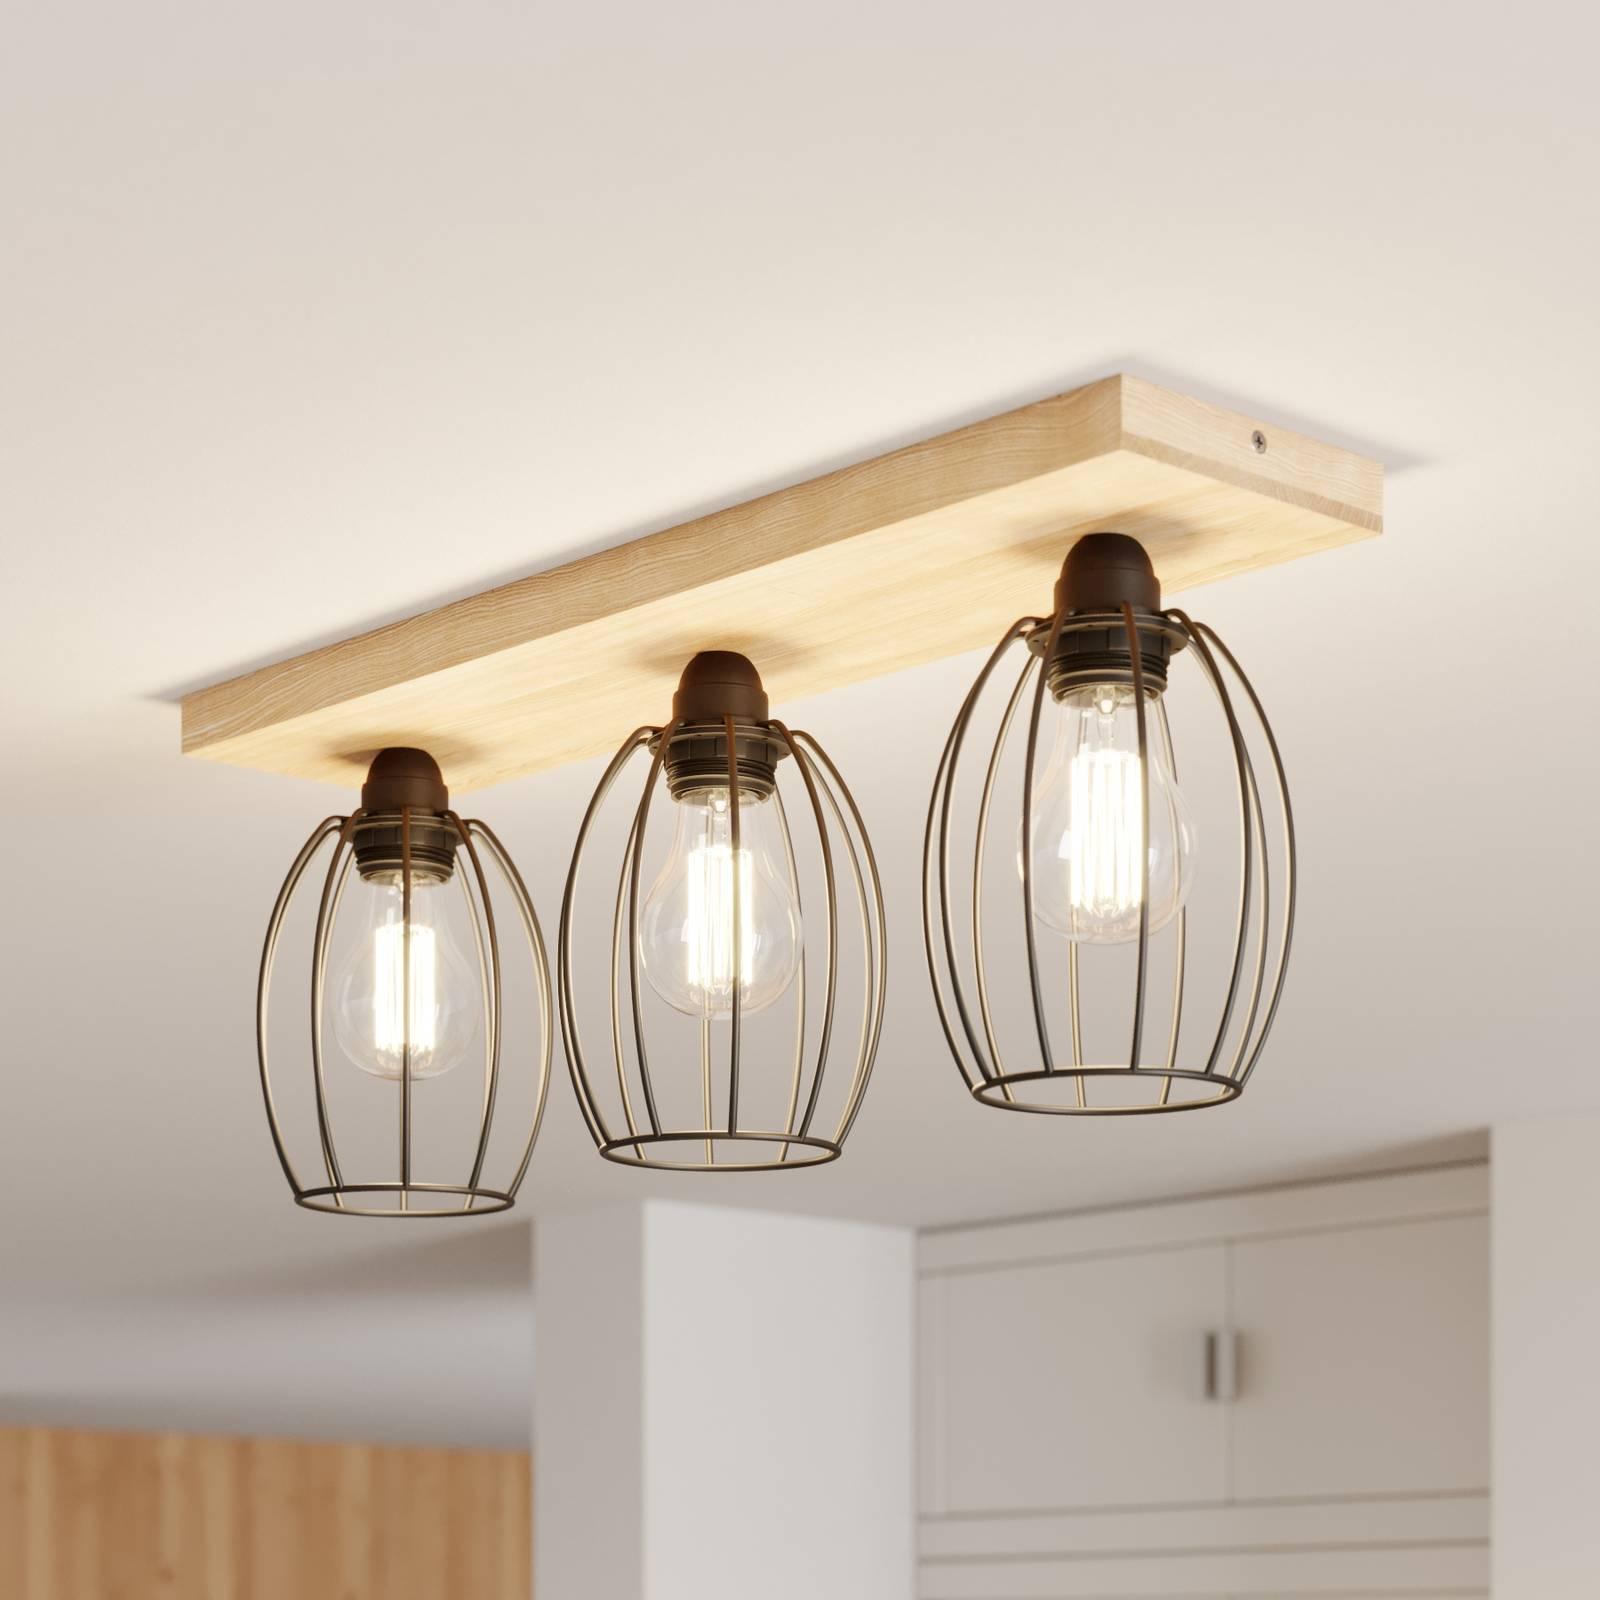 Plafondlamp Beevly, hout en metaal, 3-lamps